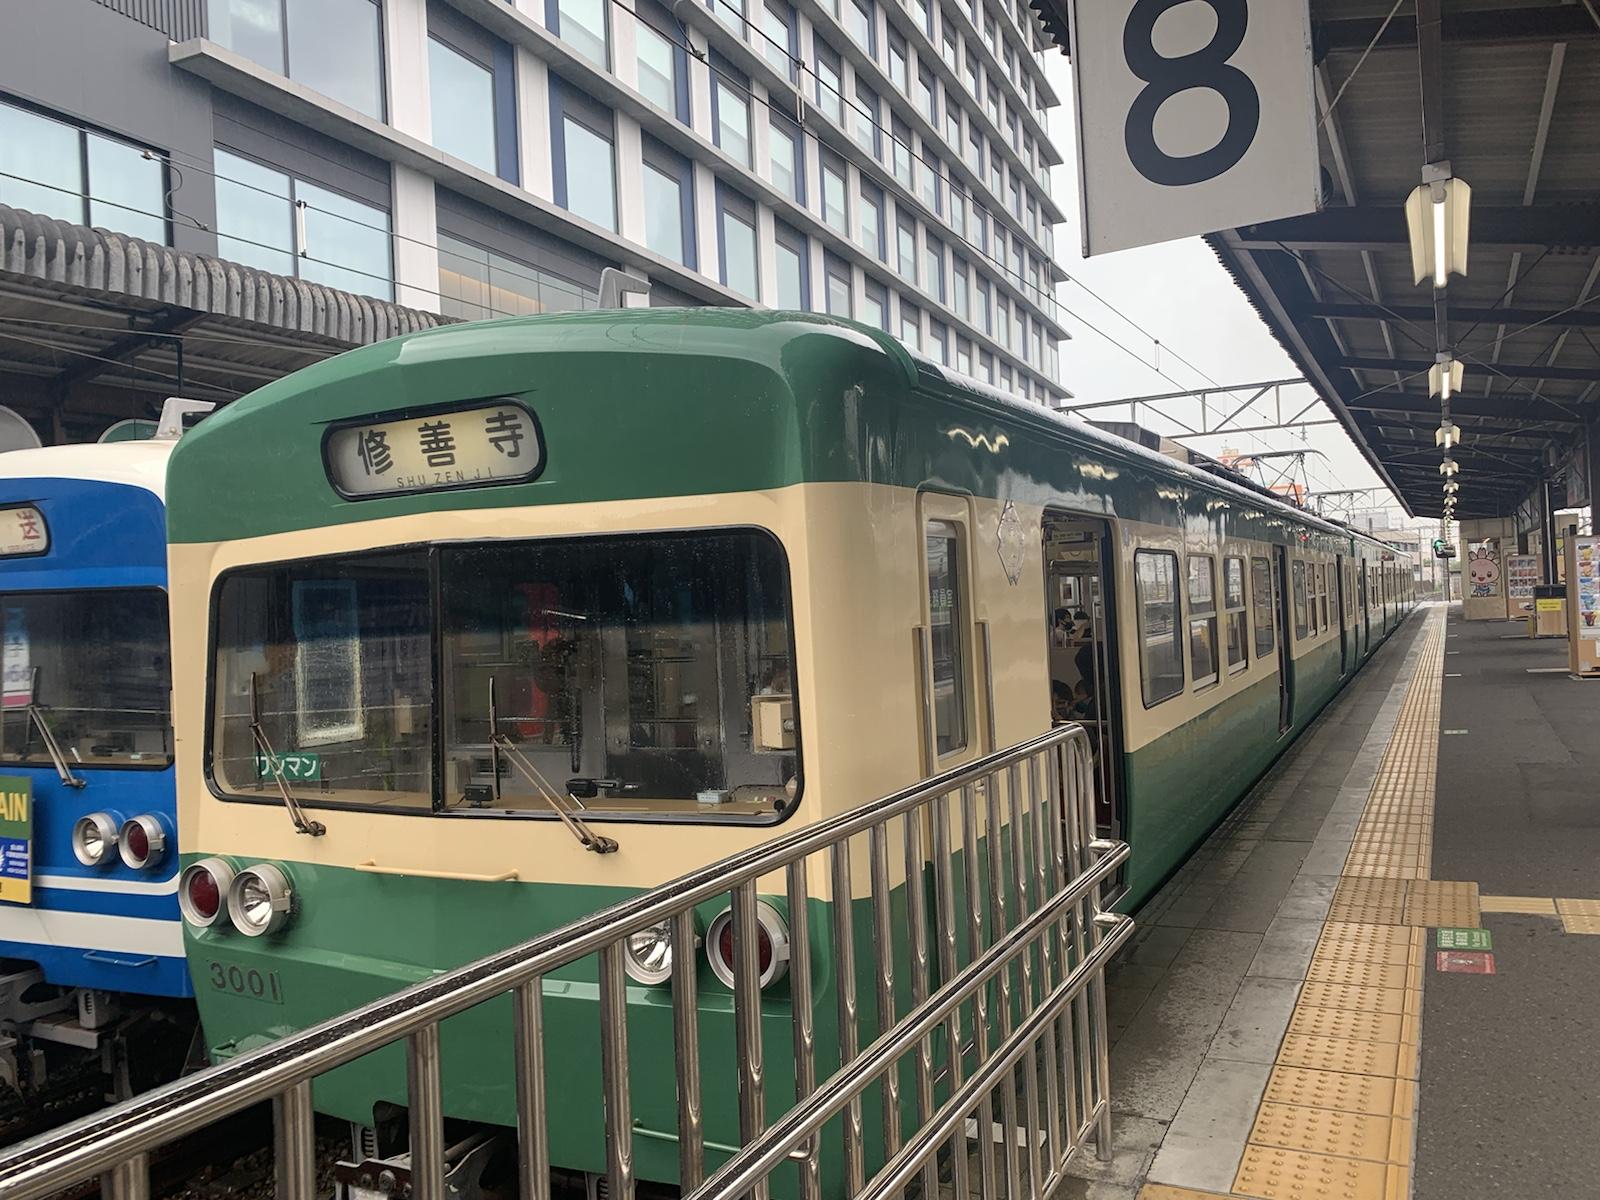 伊豆箱根鉄道 伊豆長岡駅 ローカル列車